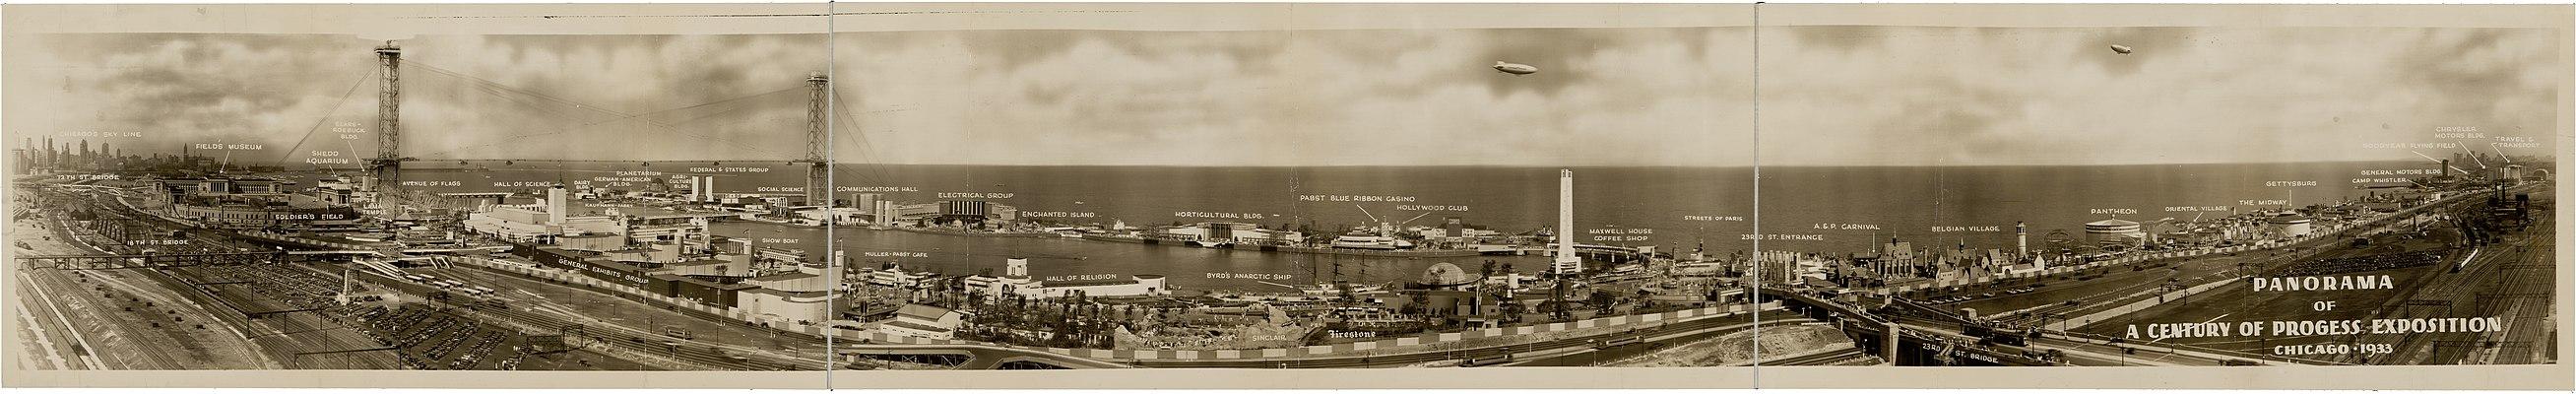 1933 Worlds Fair